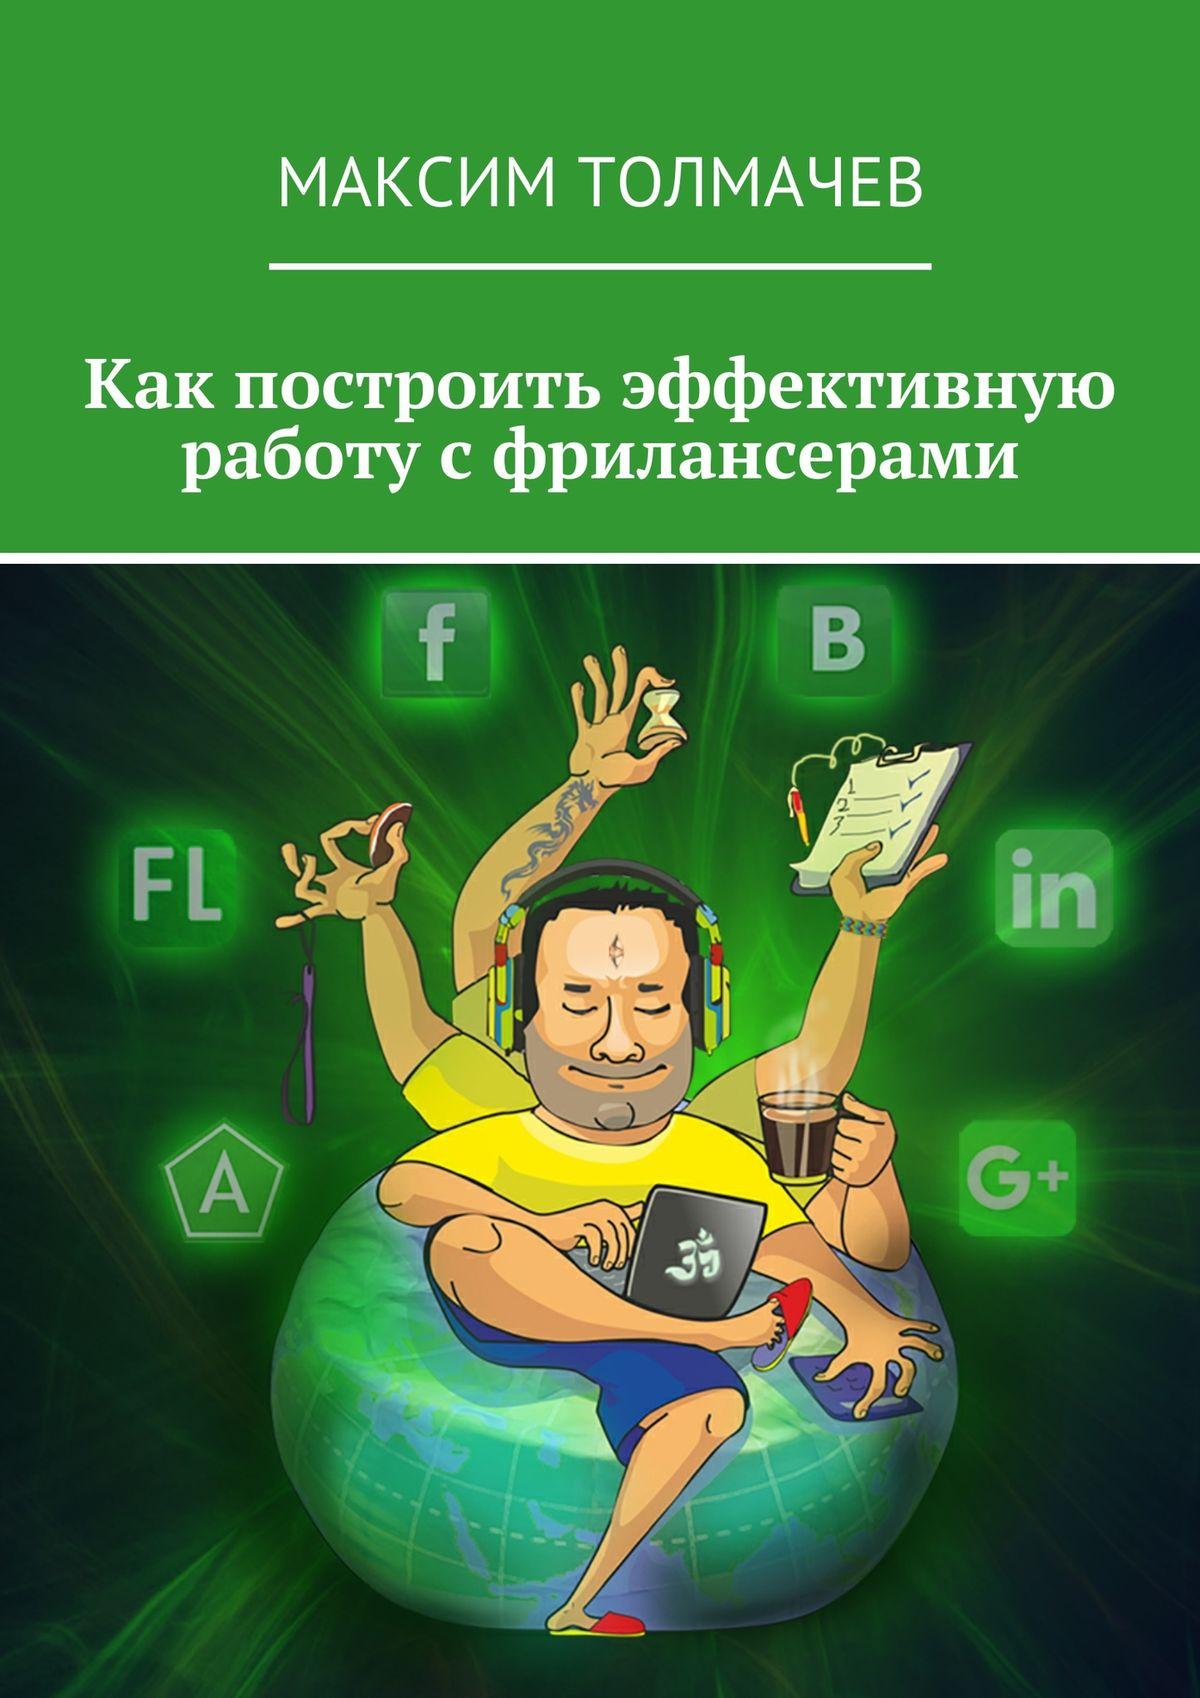 Максим Толмачев Как построить эффективную работу сфрилансерами